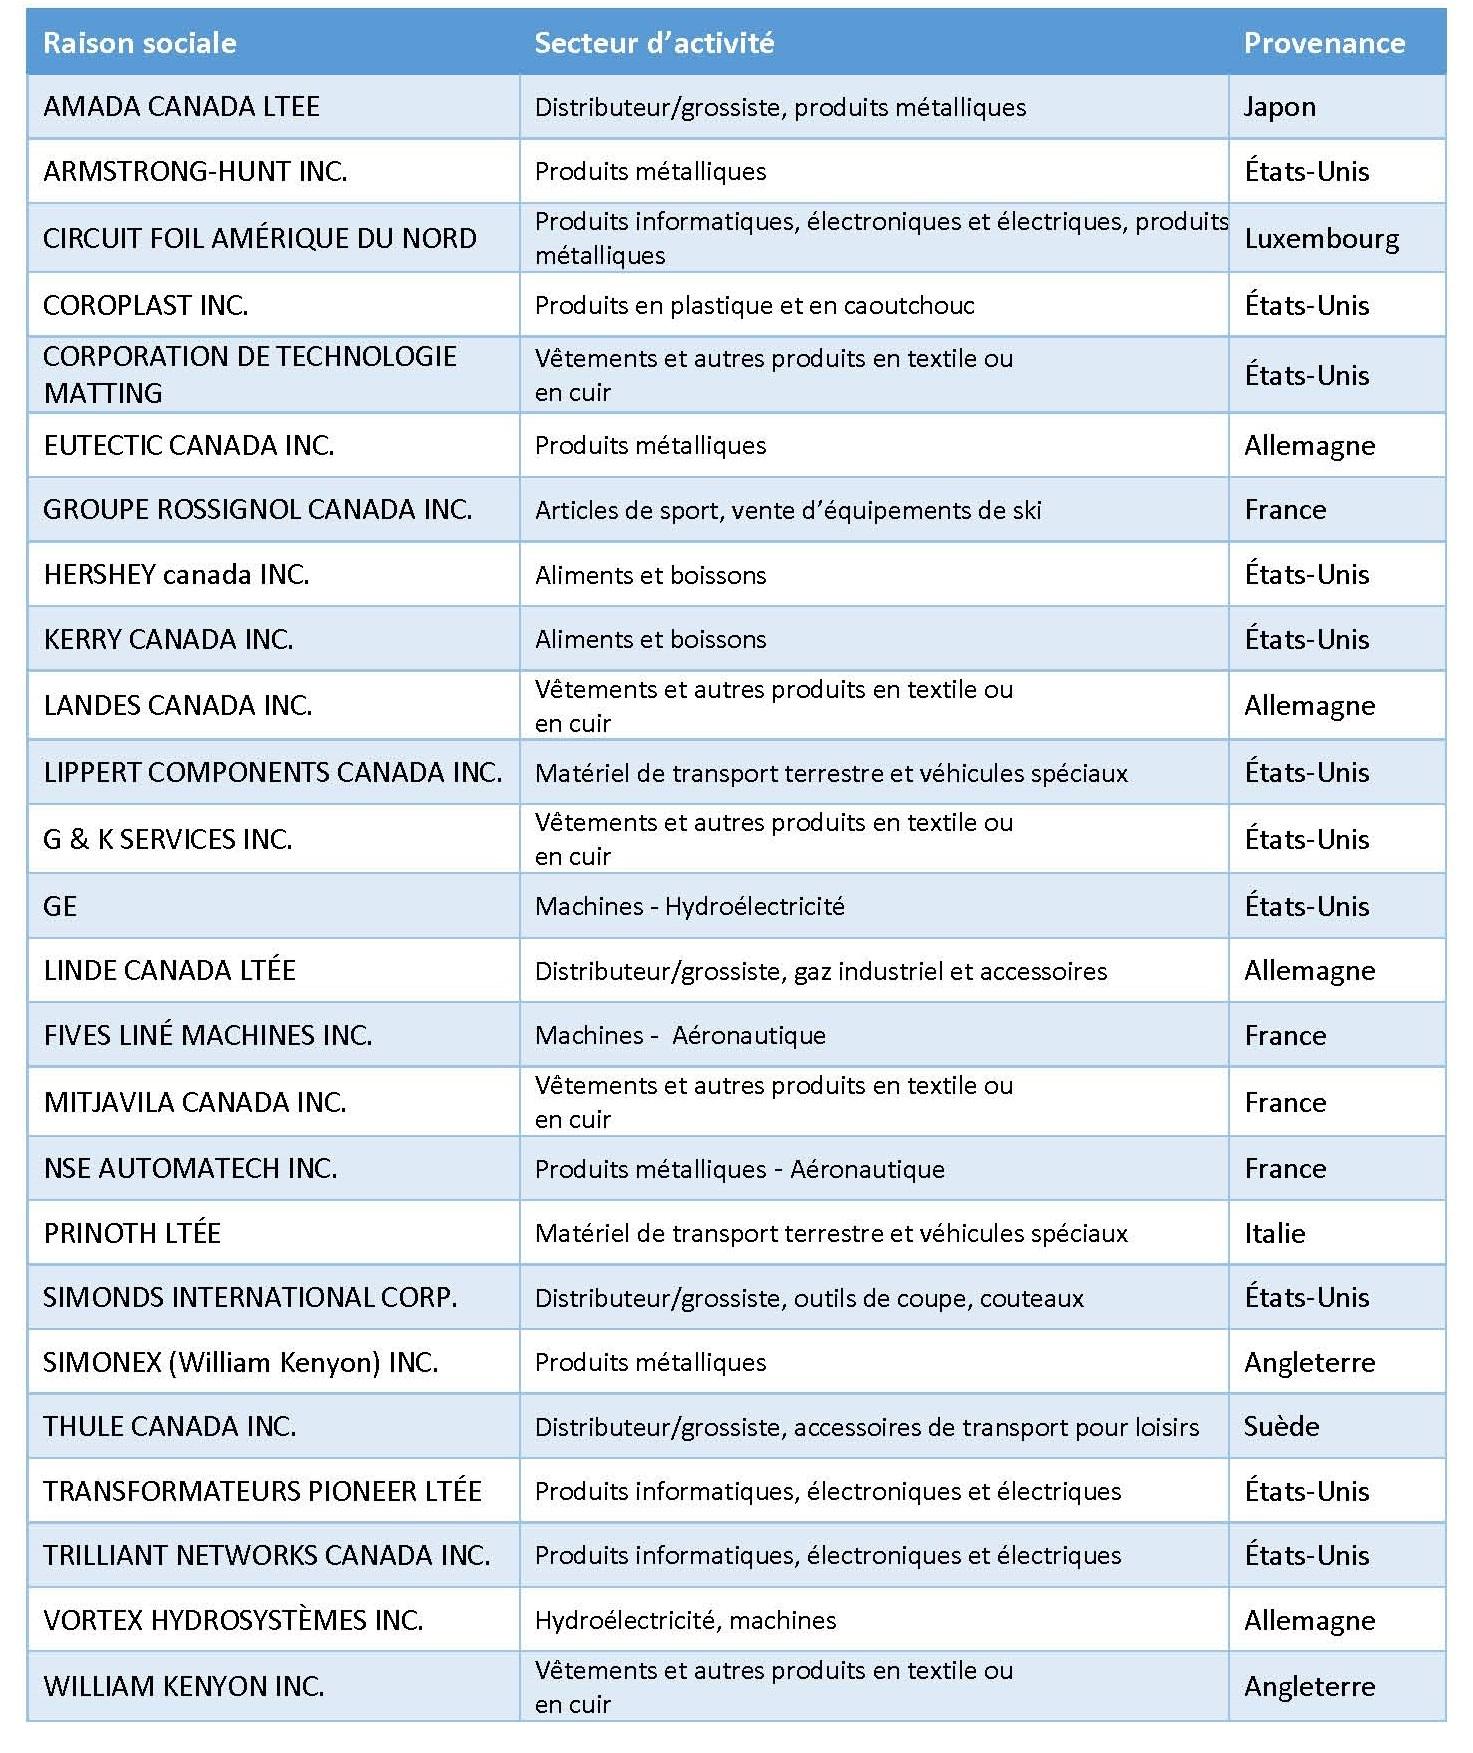 Filiales de sociétés étrangères_MAI2017